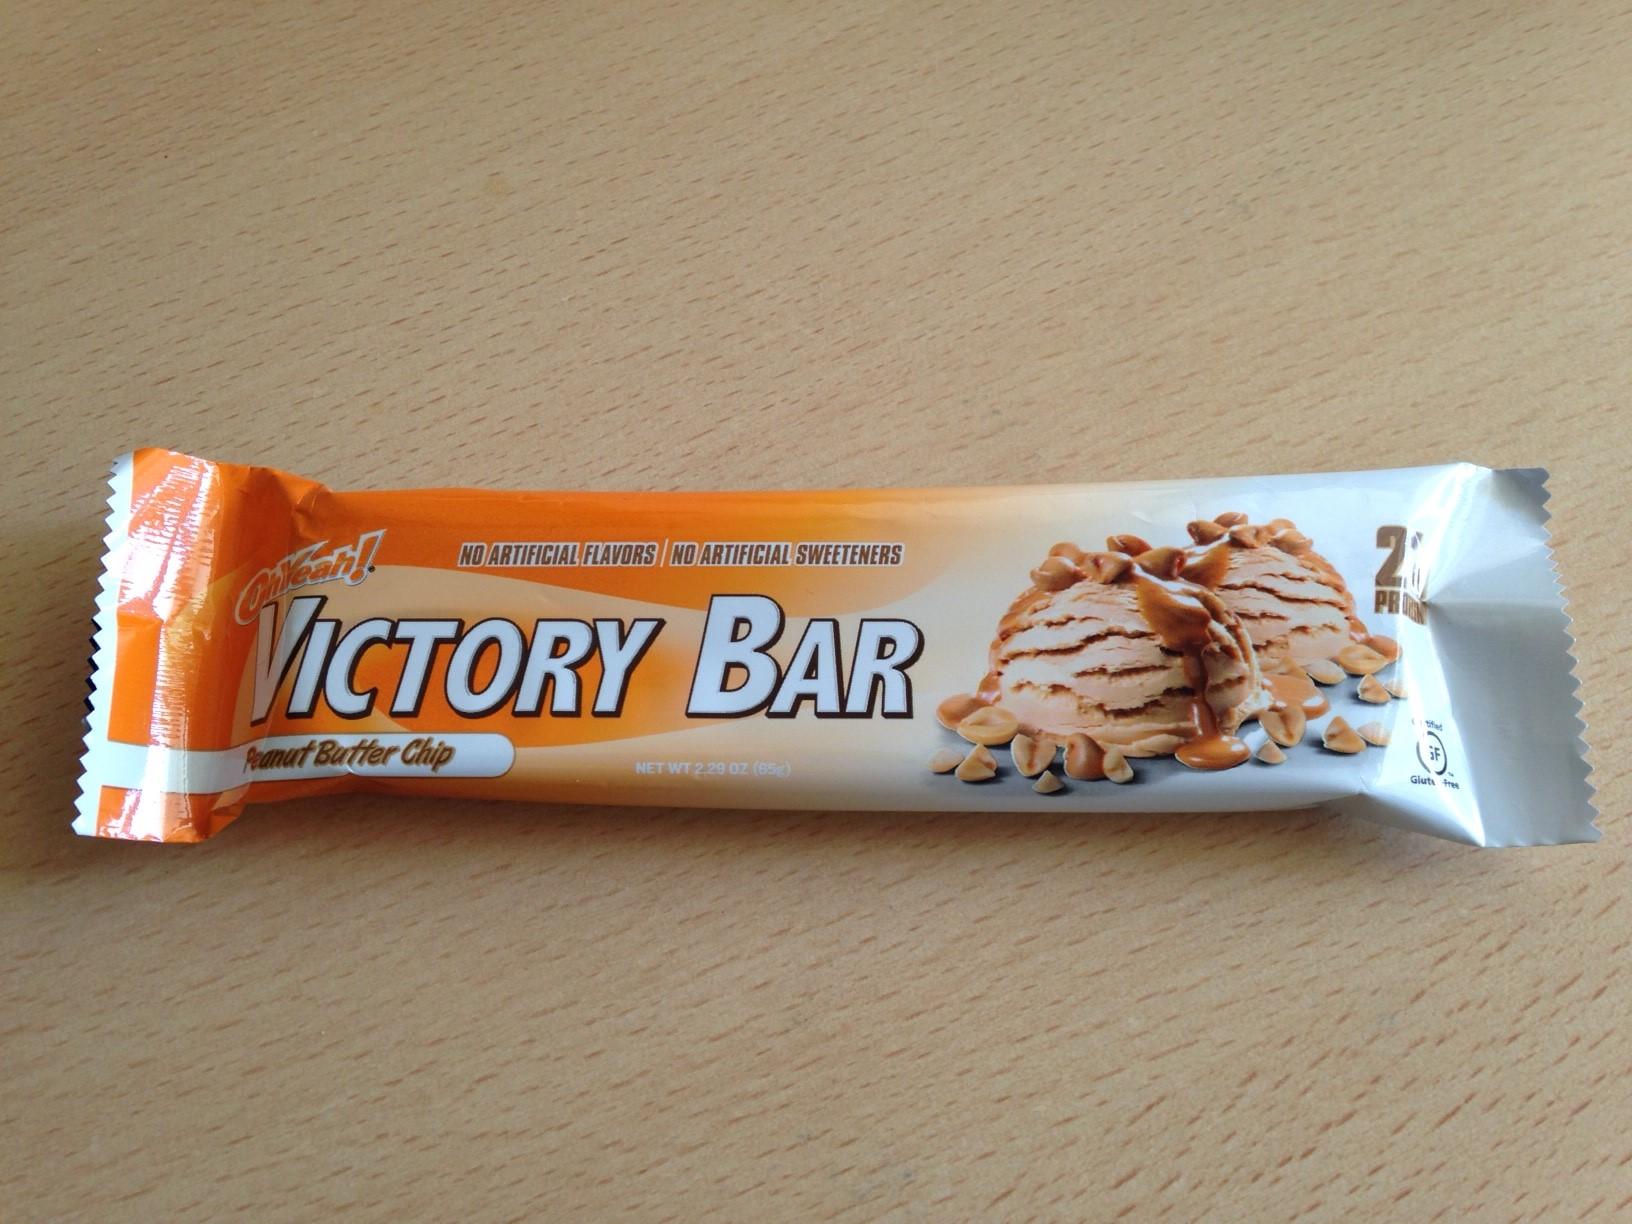 プロテインバー Victory bar(ビクトリーバー)